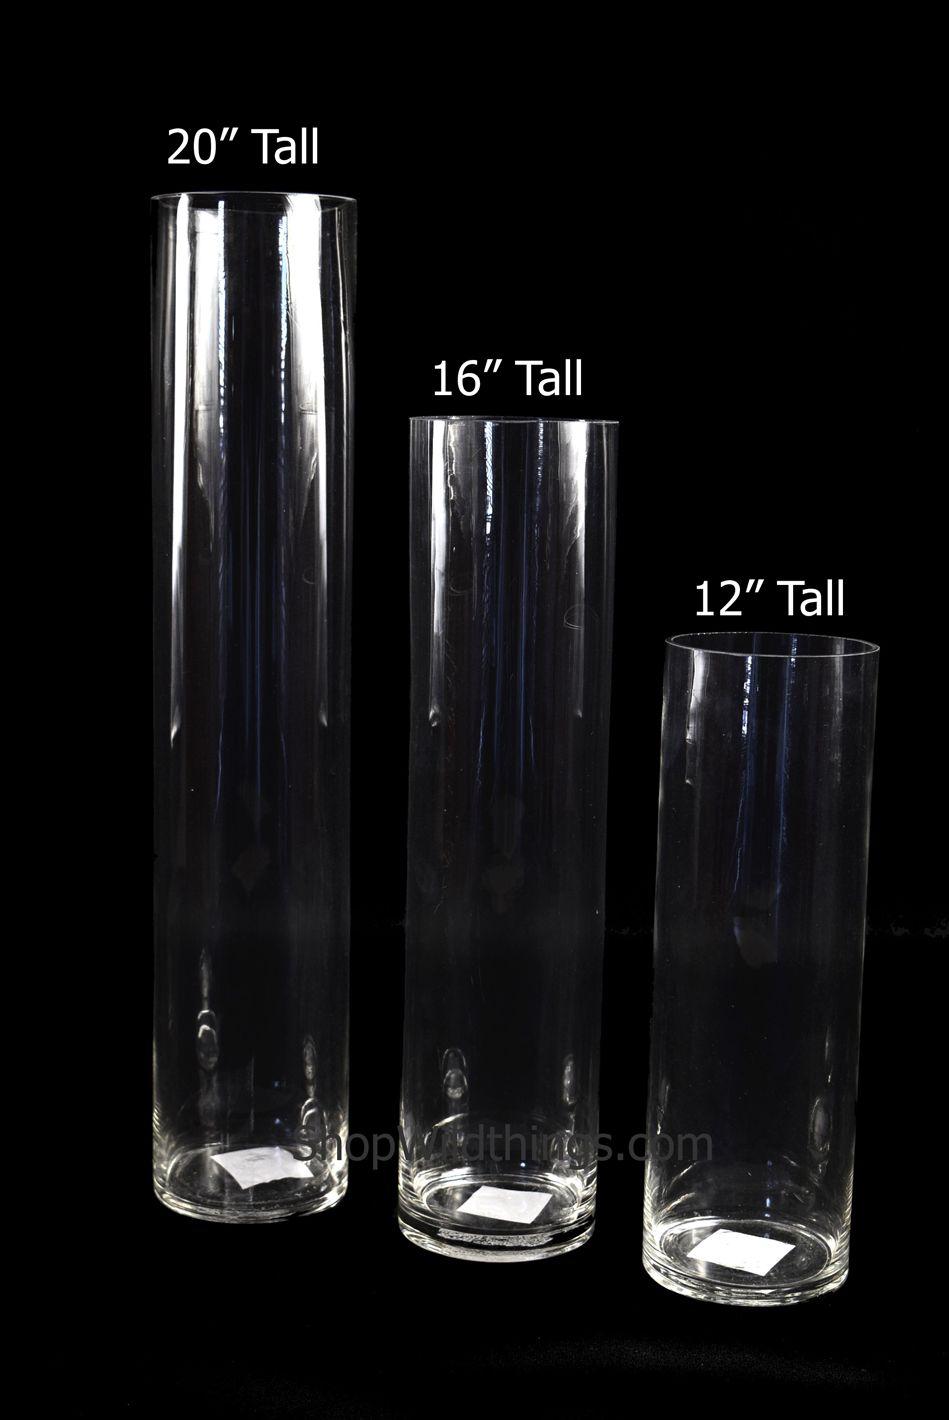 Cylinder Gl Vases 20